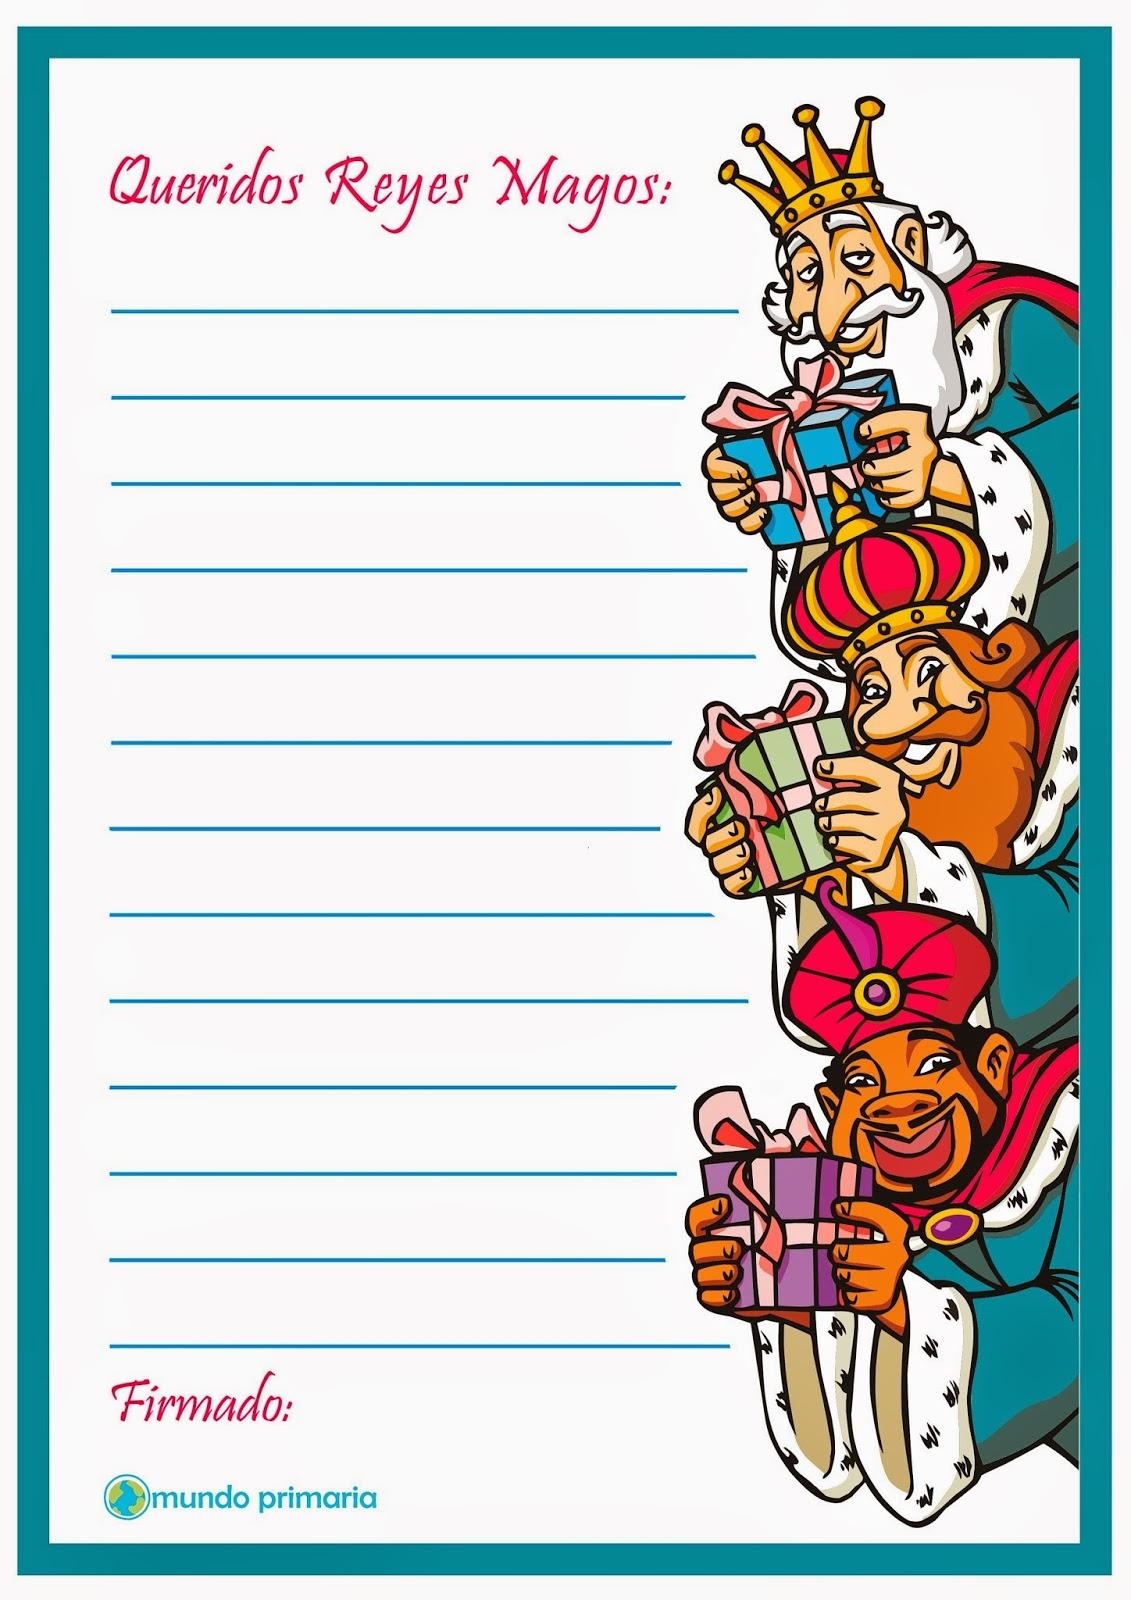 http://www.mundoprimaria.com/navidad-para-ninos-de-primaria/carta-a-los-reyes-magos.html